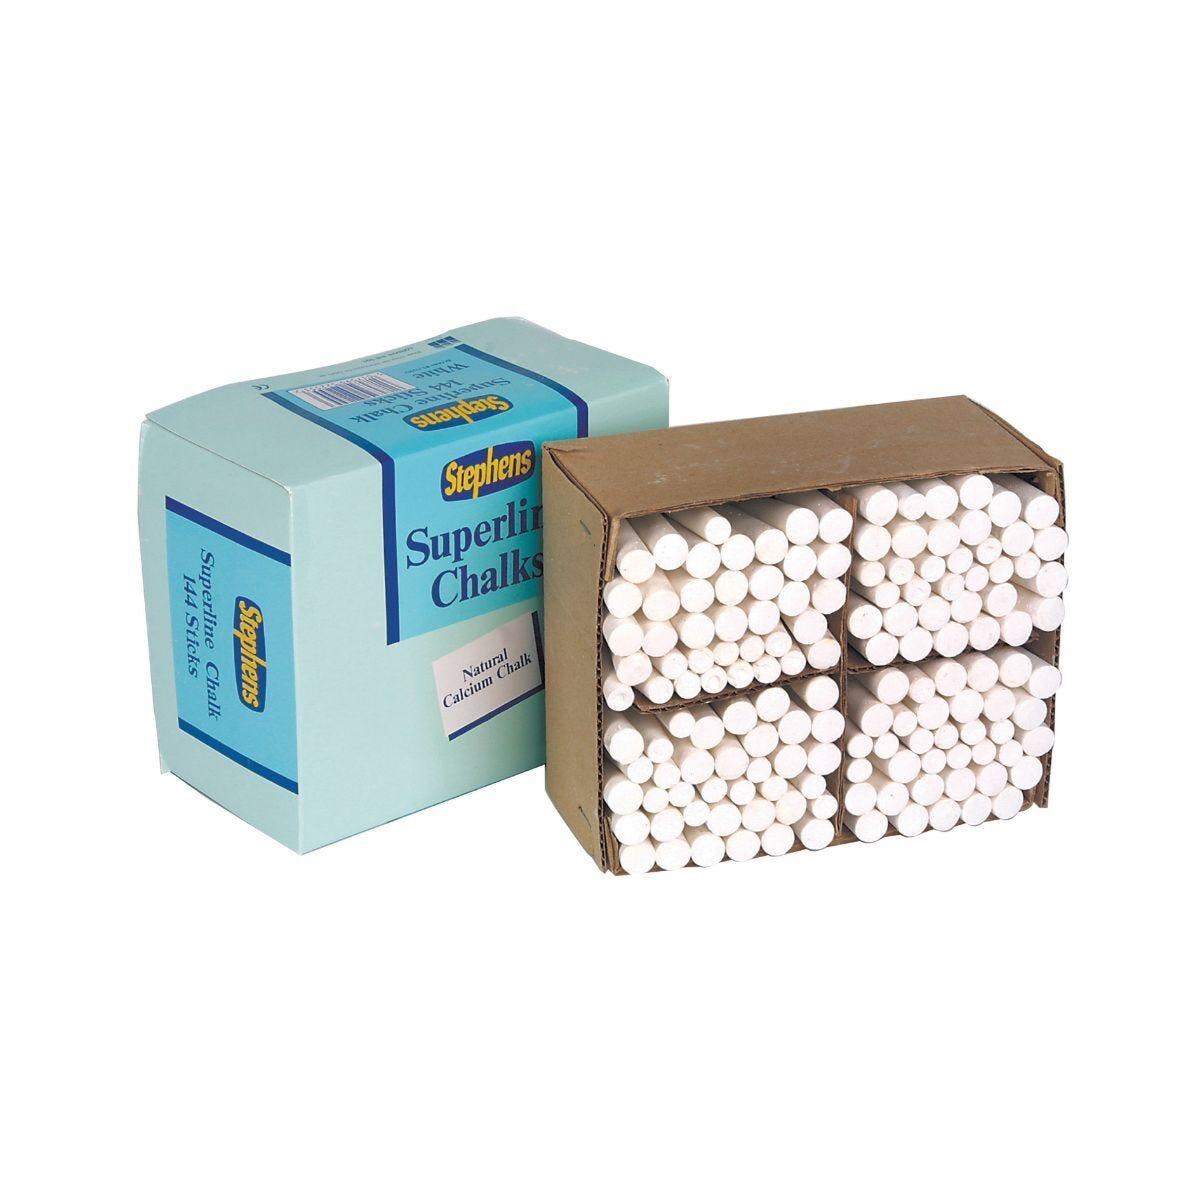 Stephens Chalk Sticks Pack of 144 White